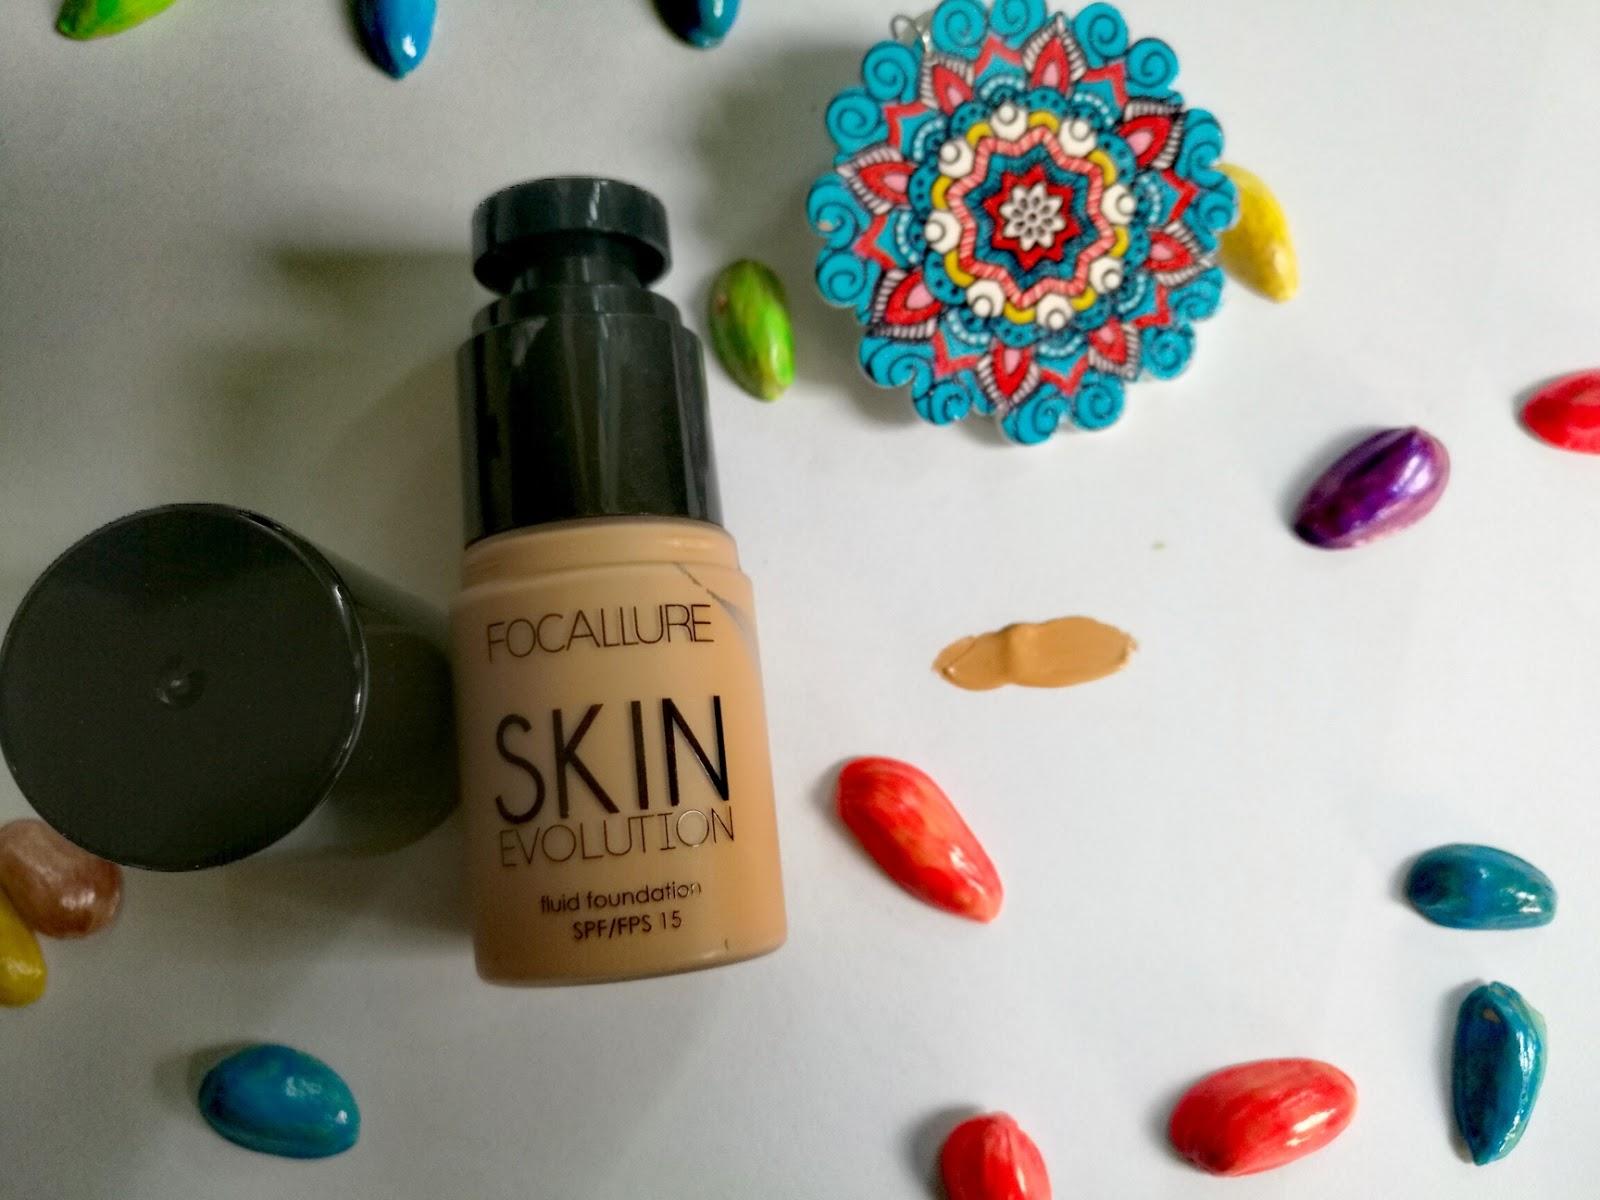 Focallure Skin Evolution Fluid Foundation swatch